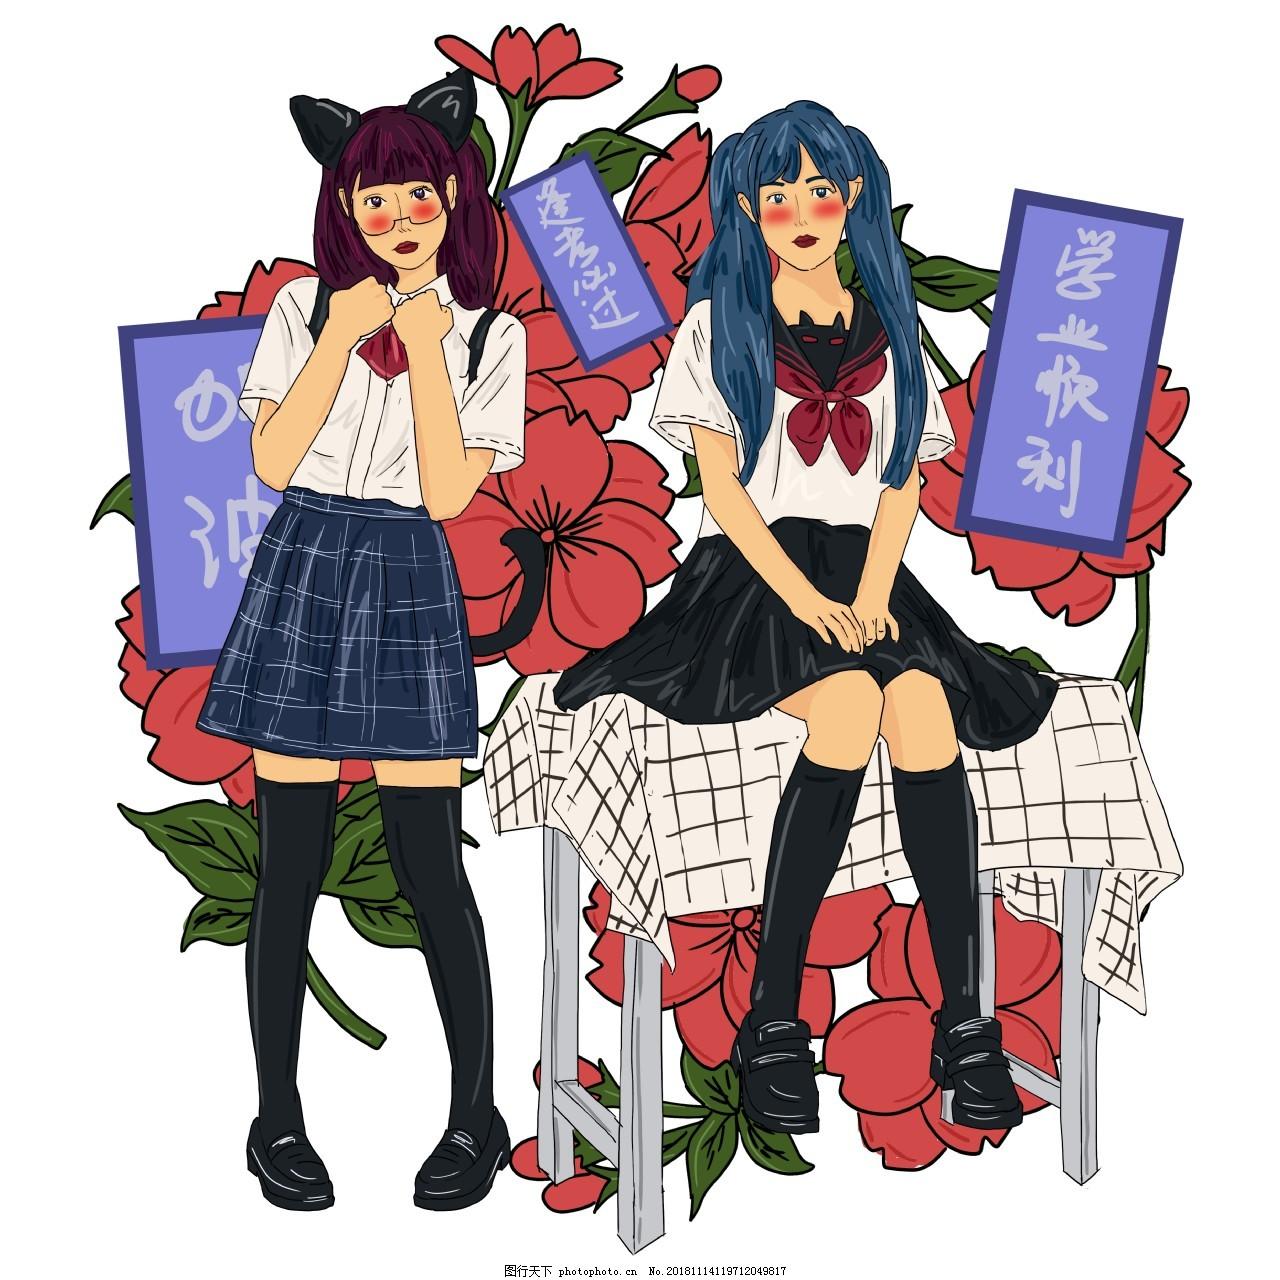 逢考必过日系小清新美女插图,姐妹,闺蜜,短发女孩,双马尾女孩,水手服,校服